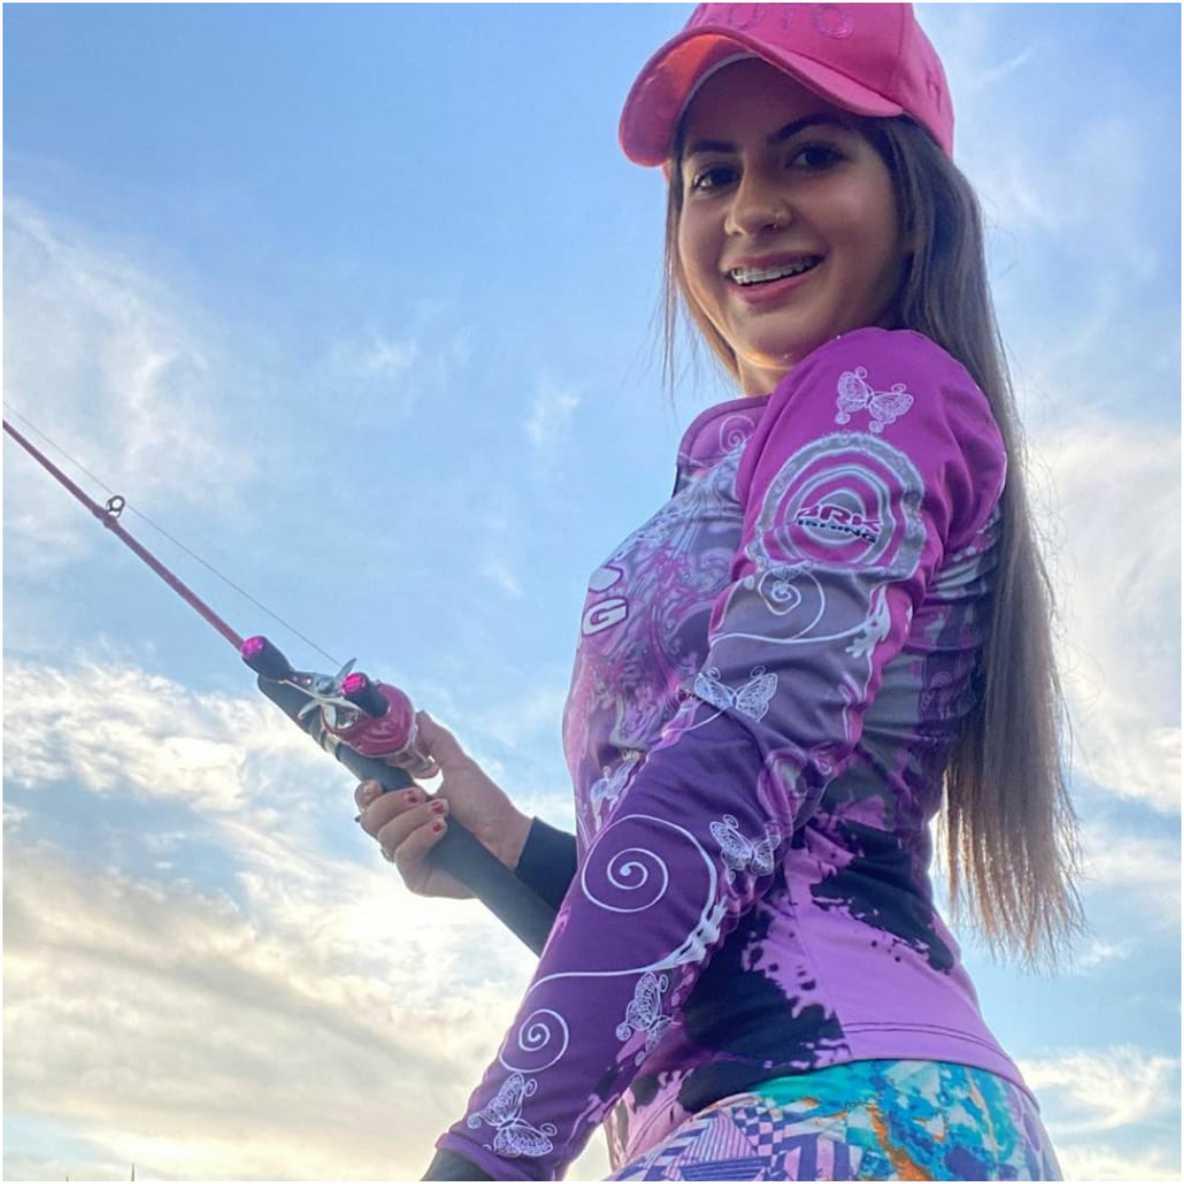 Camisa de Pesca Brk Feminina Lady com FPU 50+